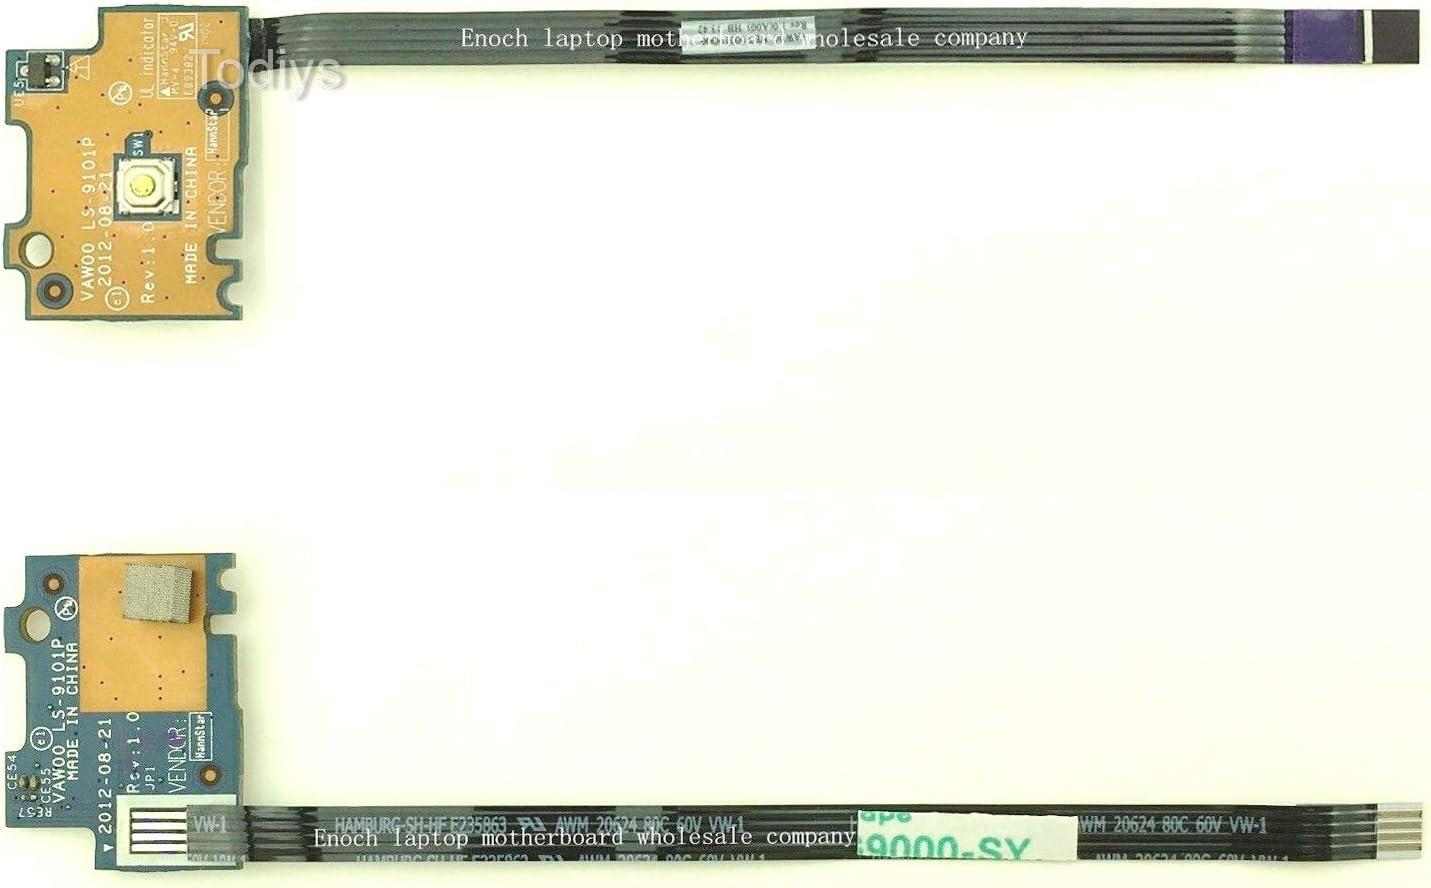 Todiys Power Button Switch Board for Dell Inspiron 15 3521 3531 3537 P28F 15R 5521 5537 i15RM-5122SL M531R 5535 Vostro 2521 V2521 Latitude 3540 Laptop LS-9101P NBX00019O00